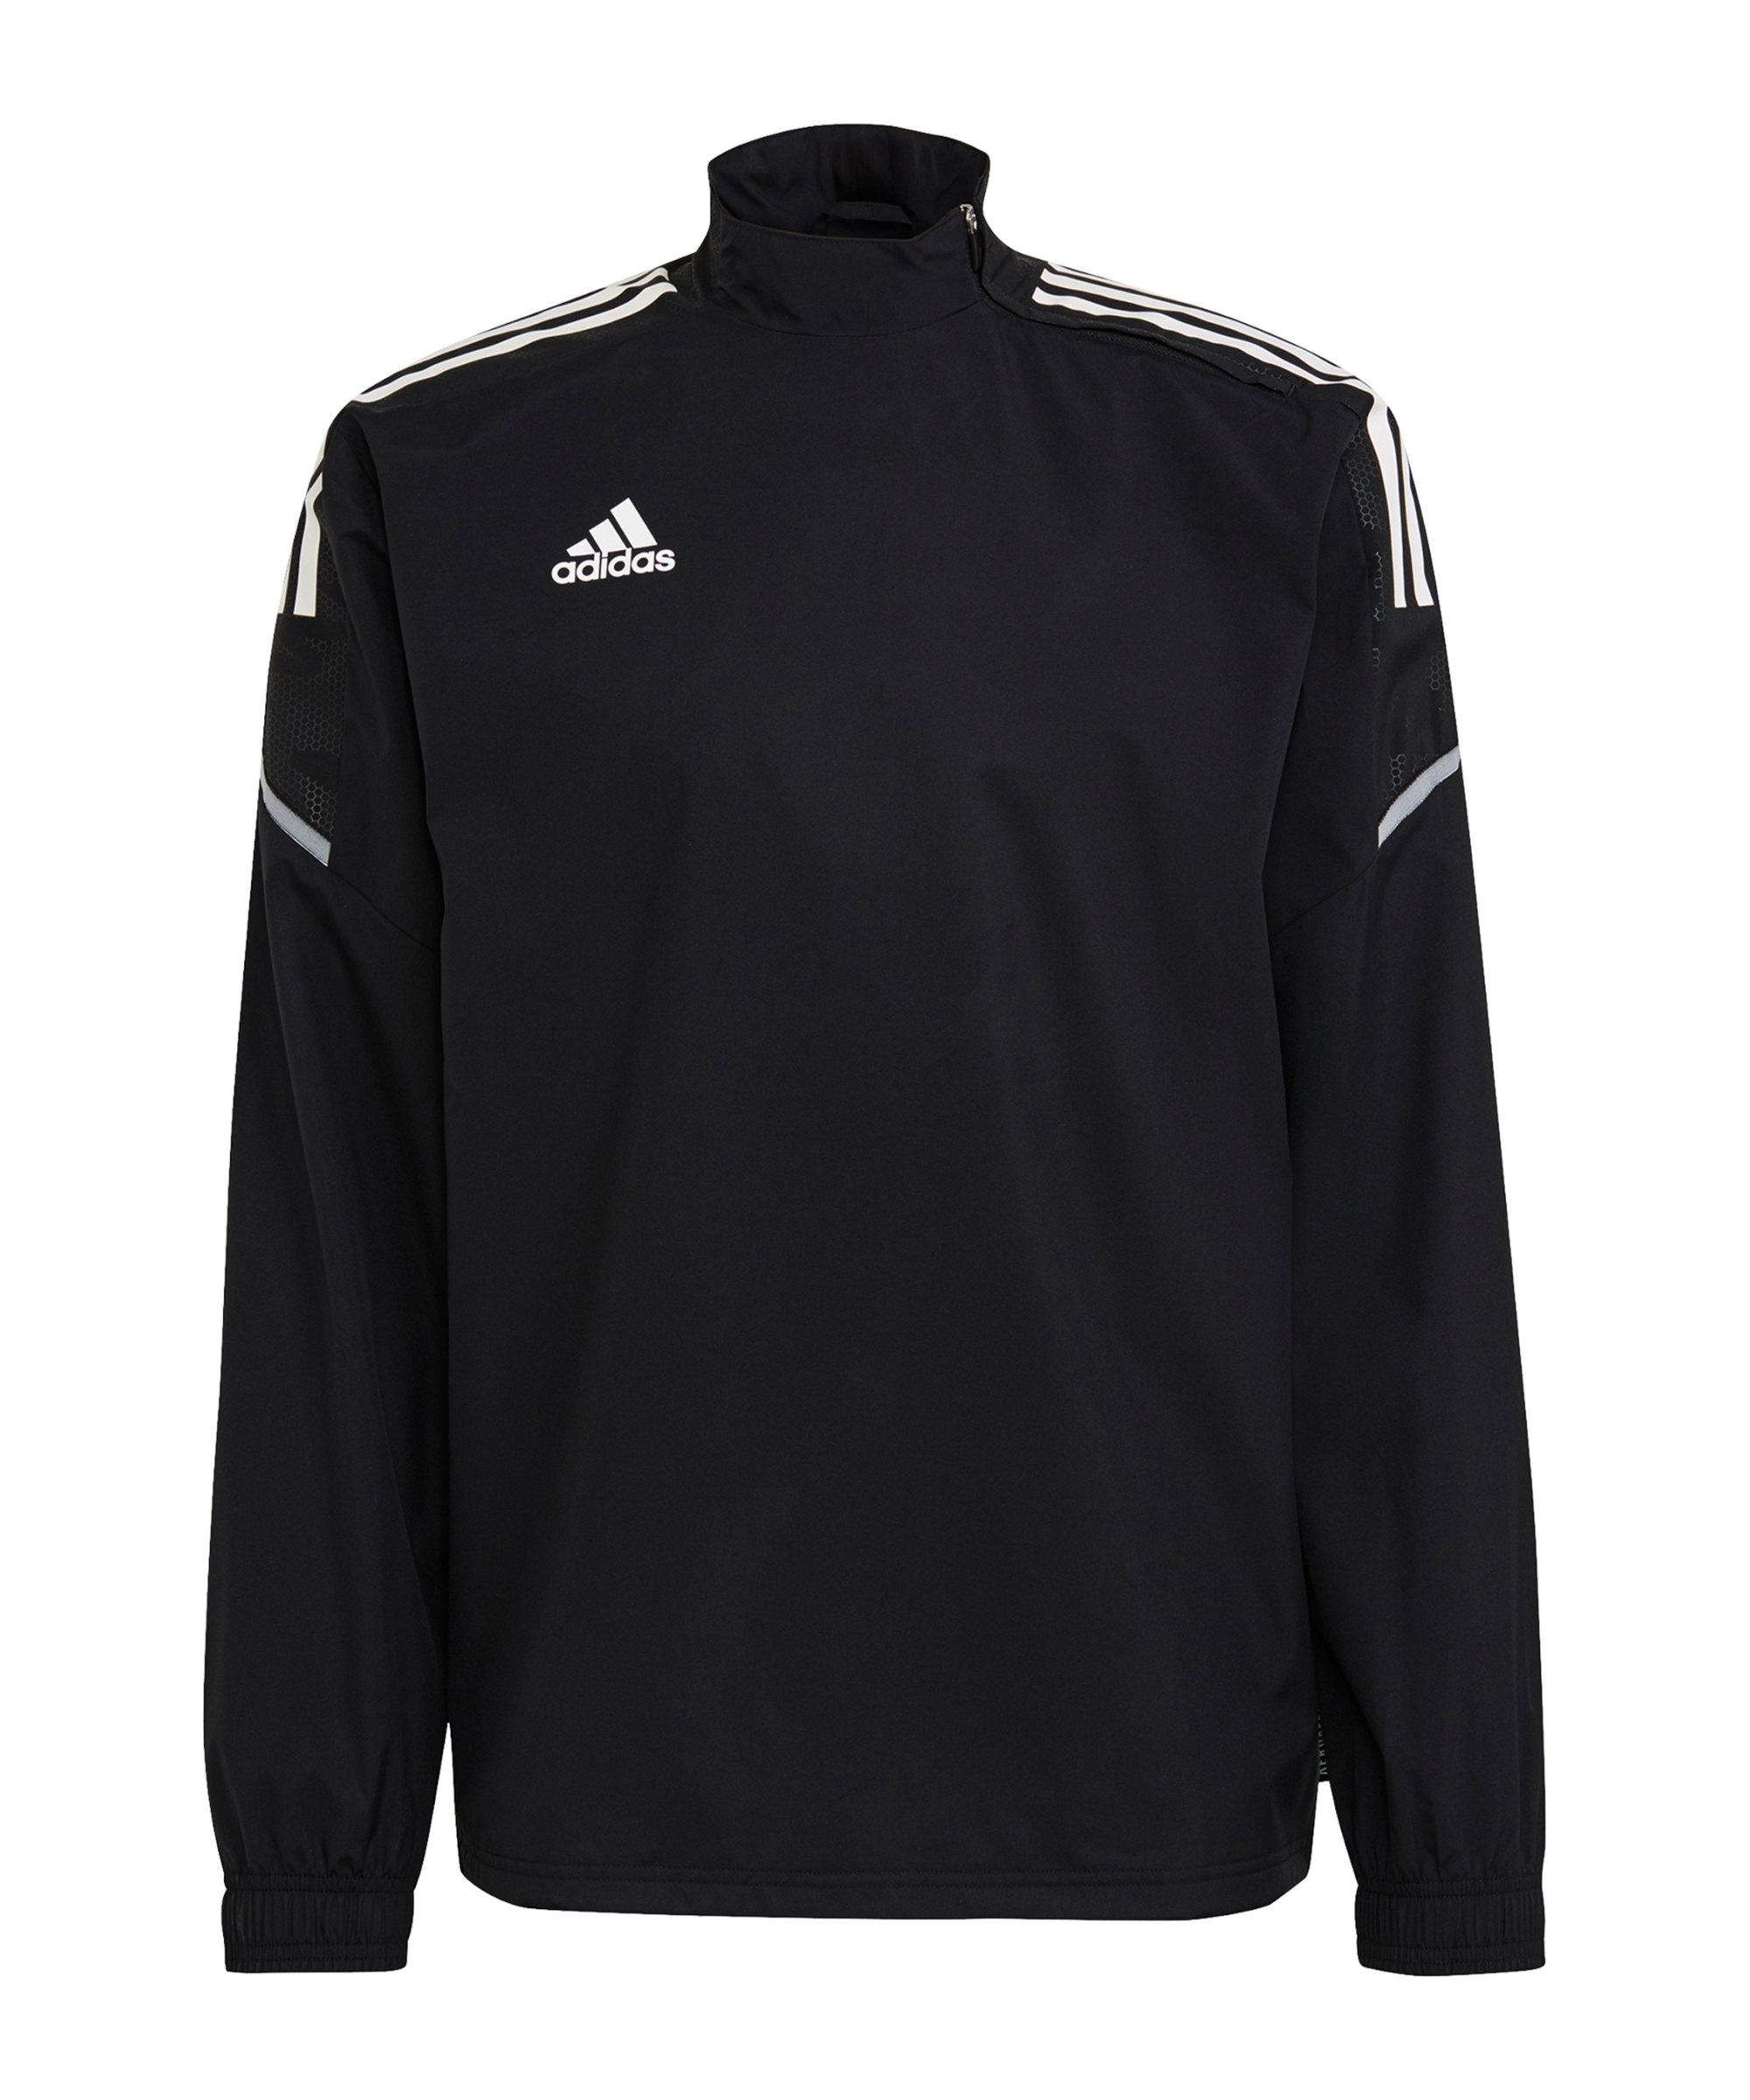 adidas Condivo 21 Hybrid Sweatshirt Schwarz - schwarz